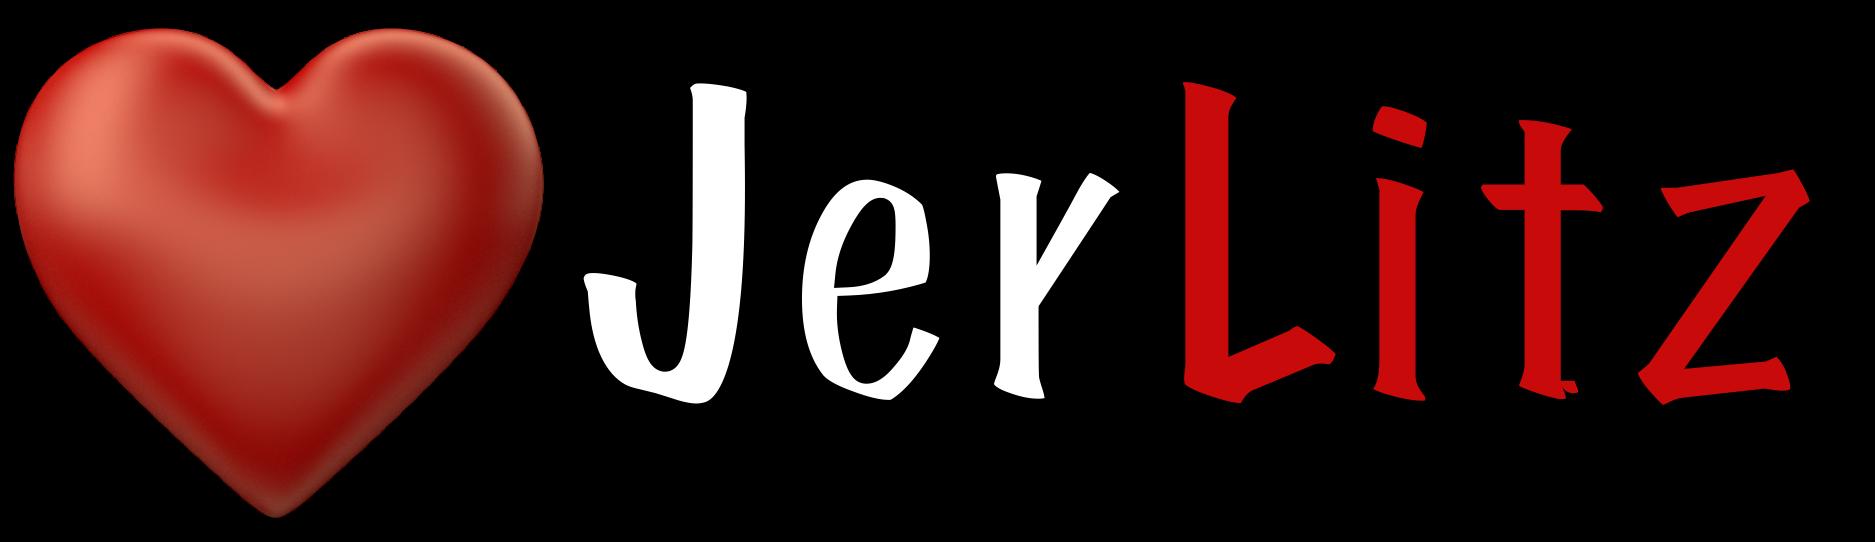 Jerlitz